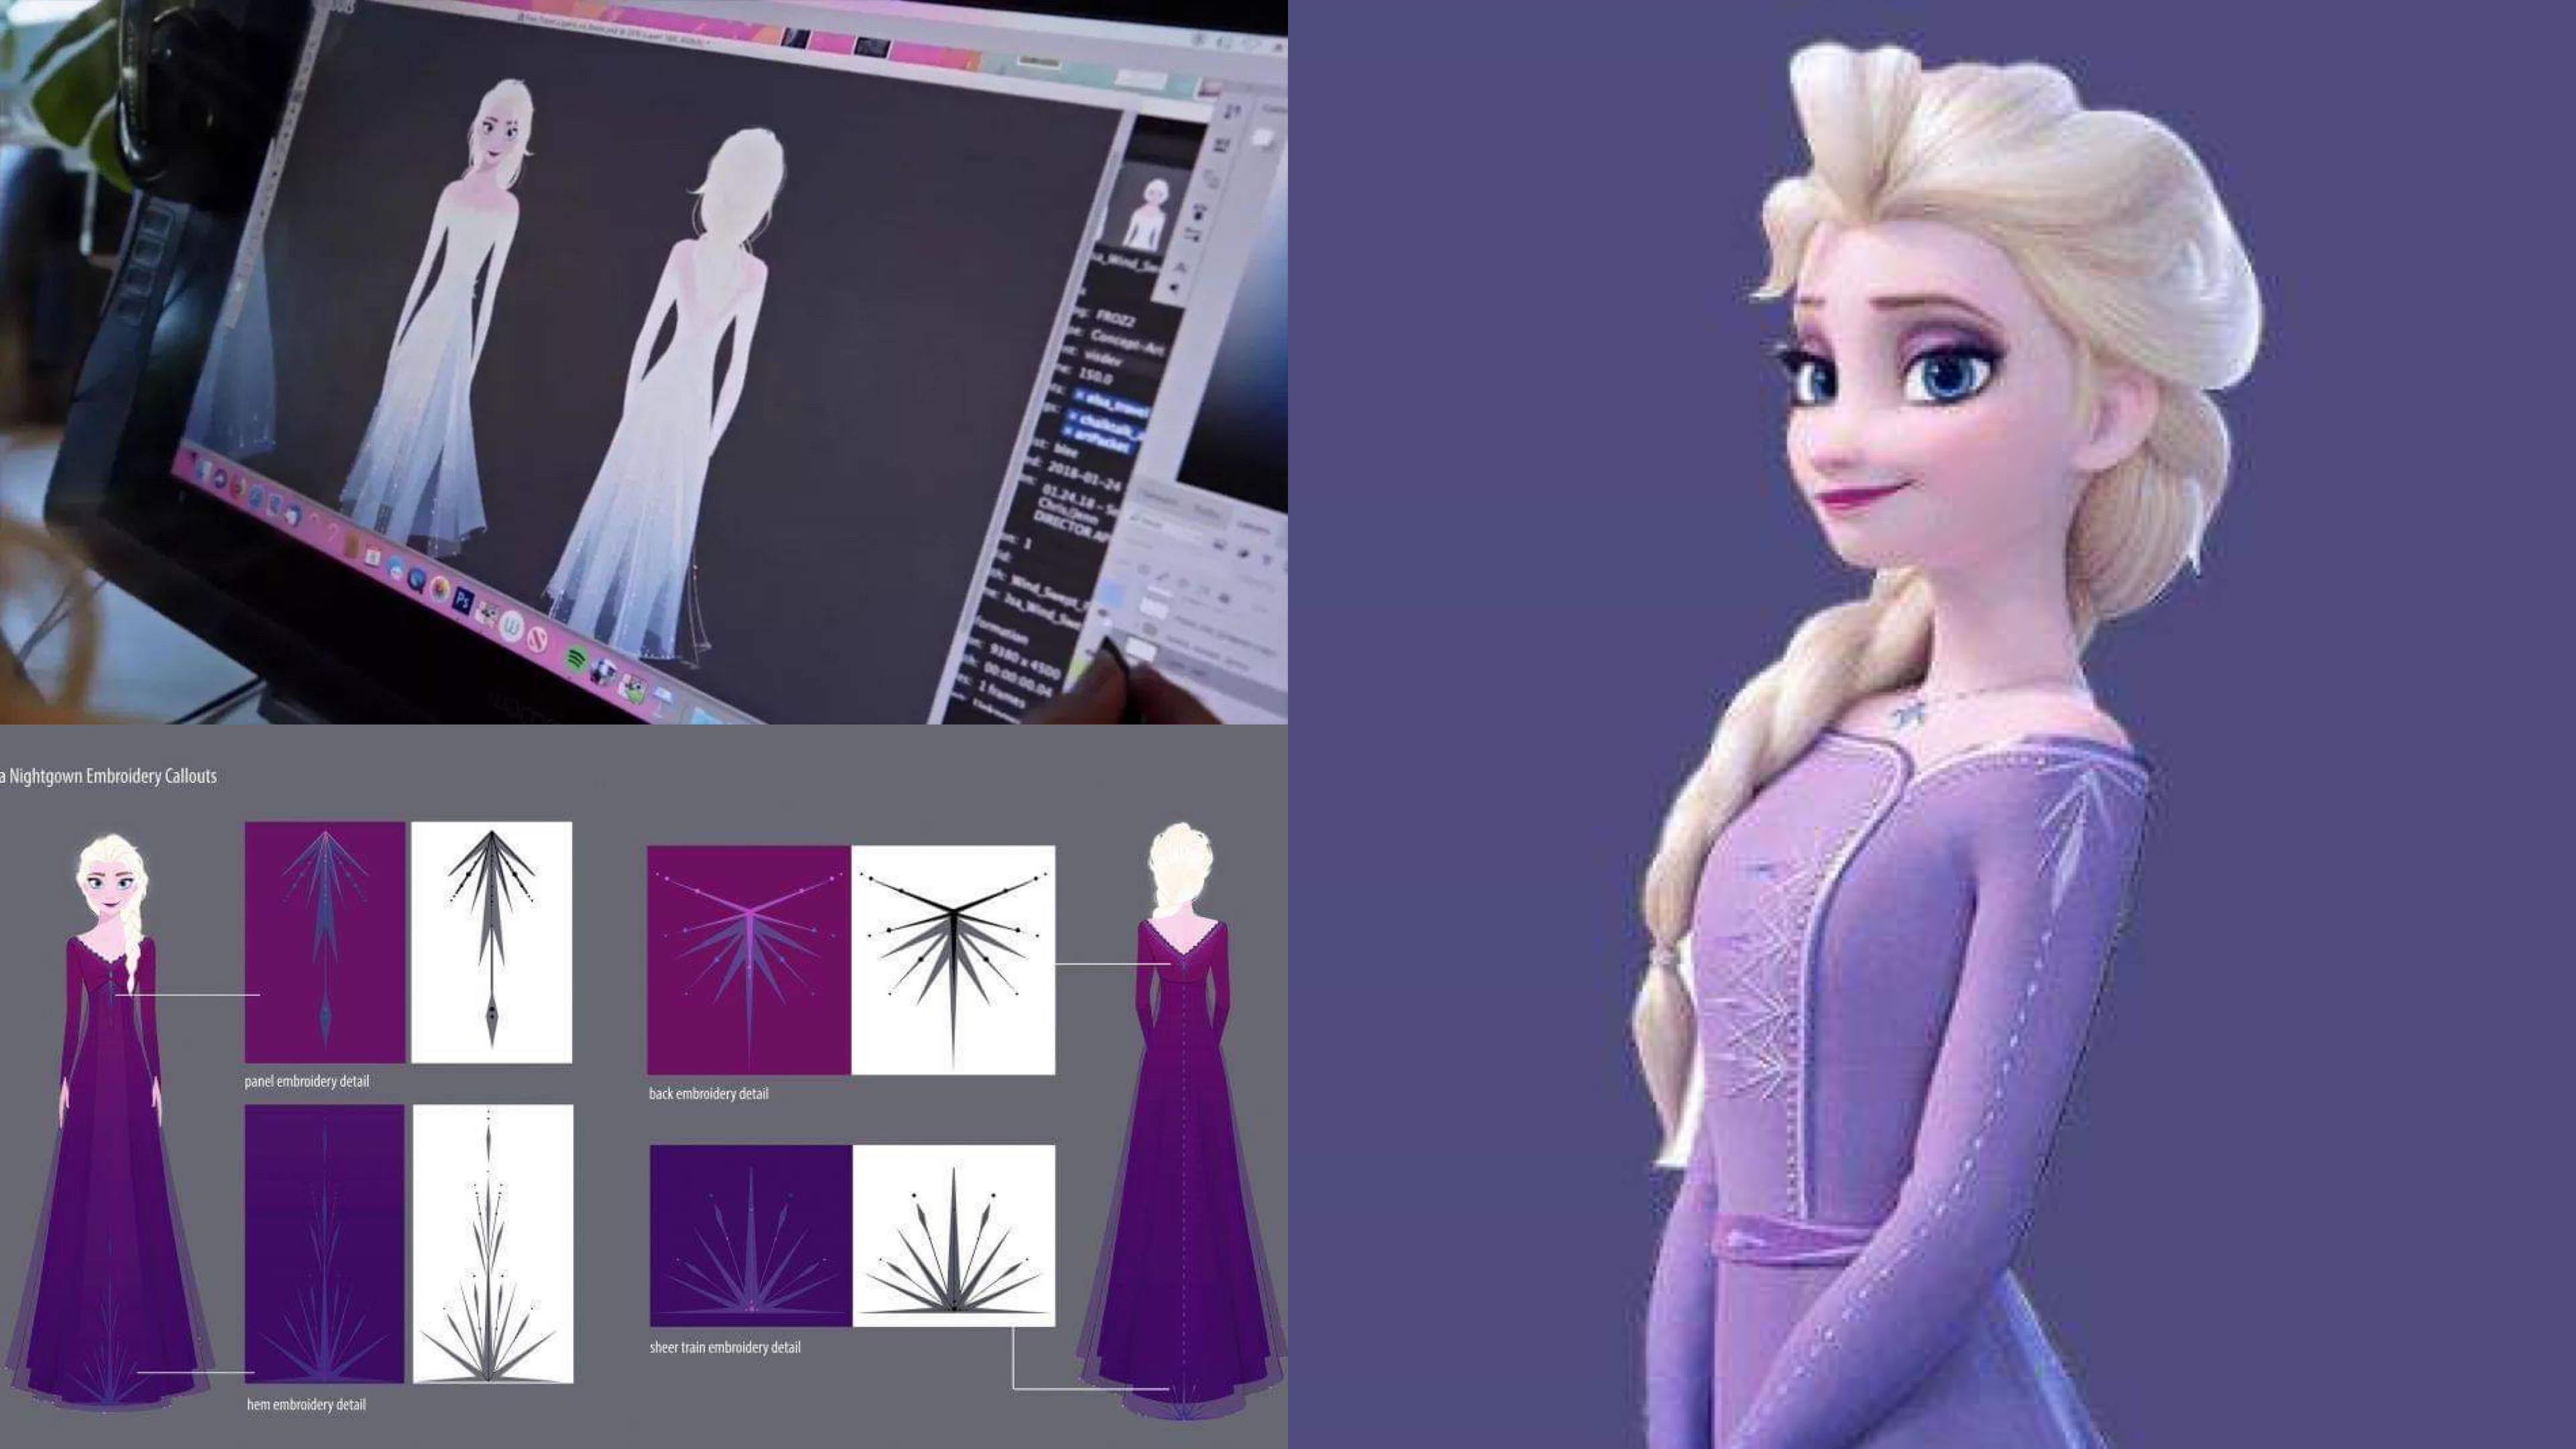 《冰雪奇緣2》Elsa 的服裝竟然「暗藏故事玄機」,難怪足足花了 7 年才完成續集… – 我們用電影寫日記